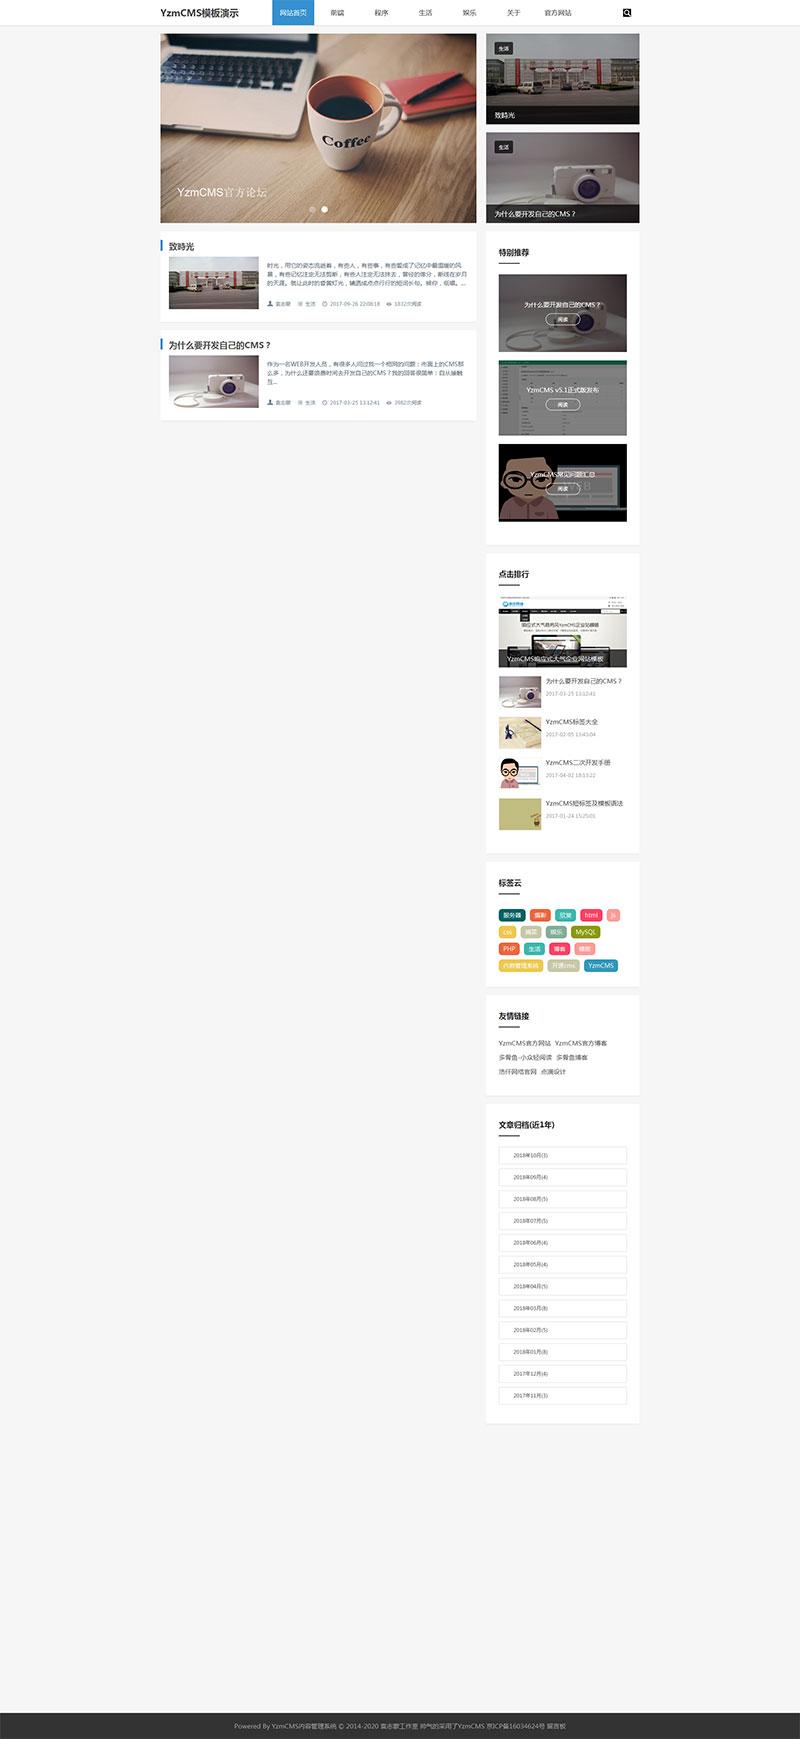 YZMCMS漂亮大气简洁响应式博客模板,内附安装方法和模板说明